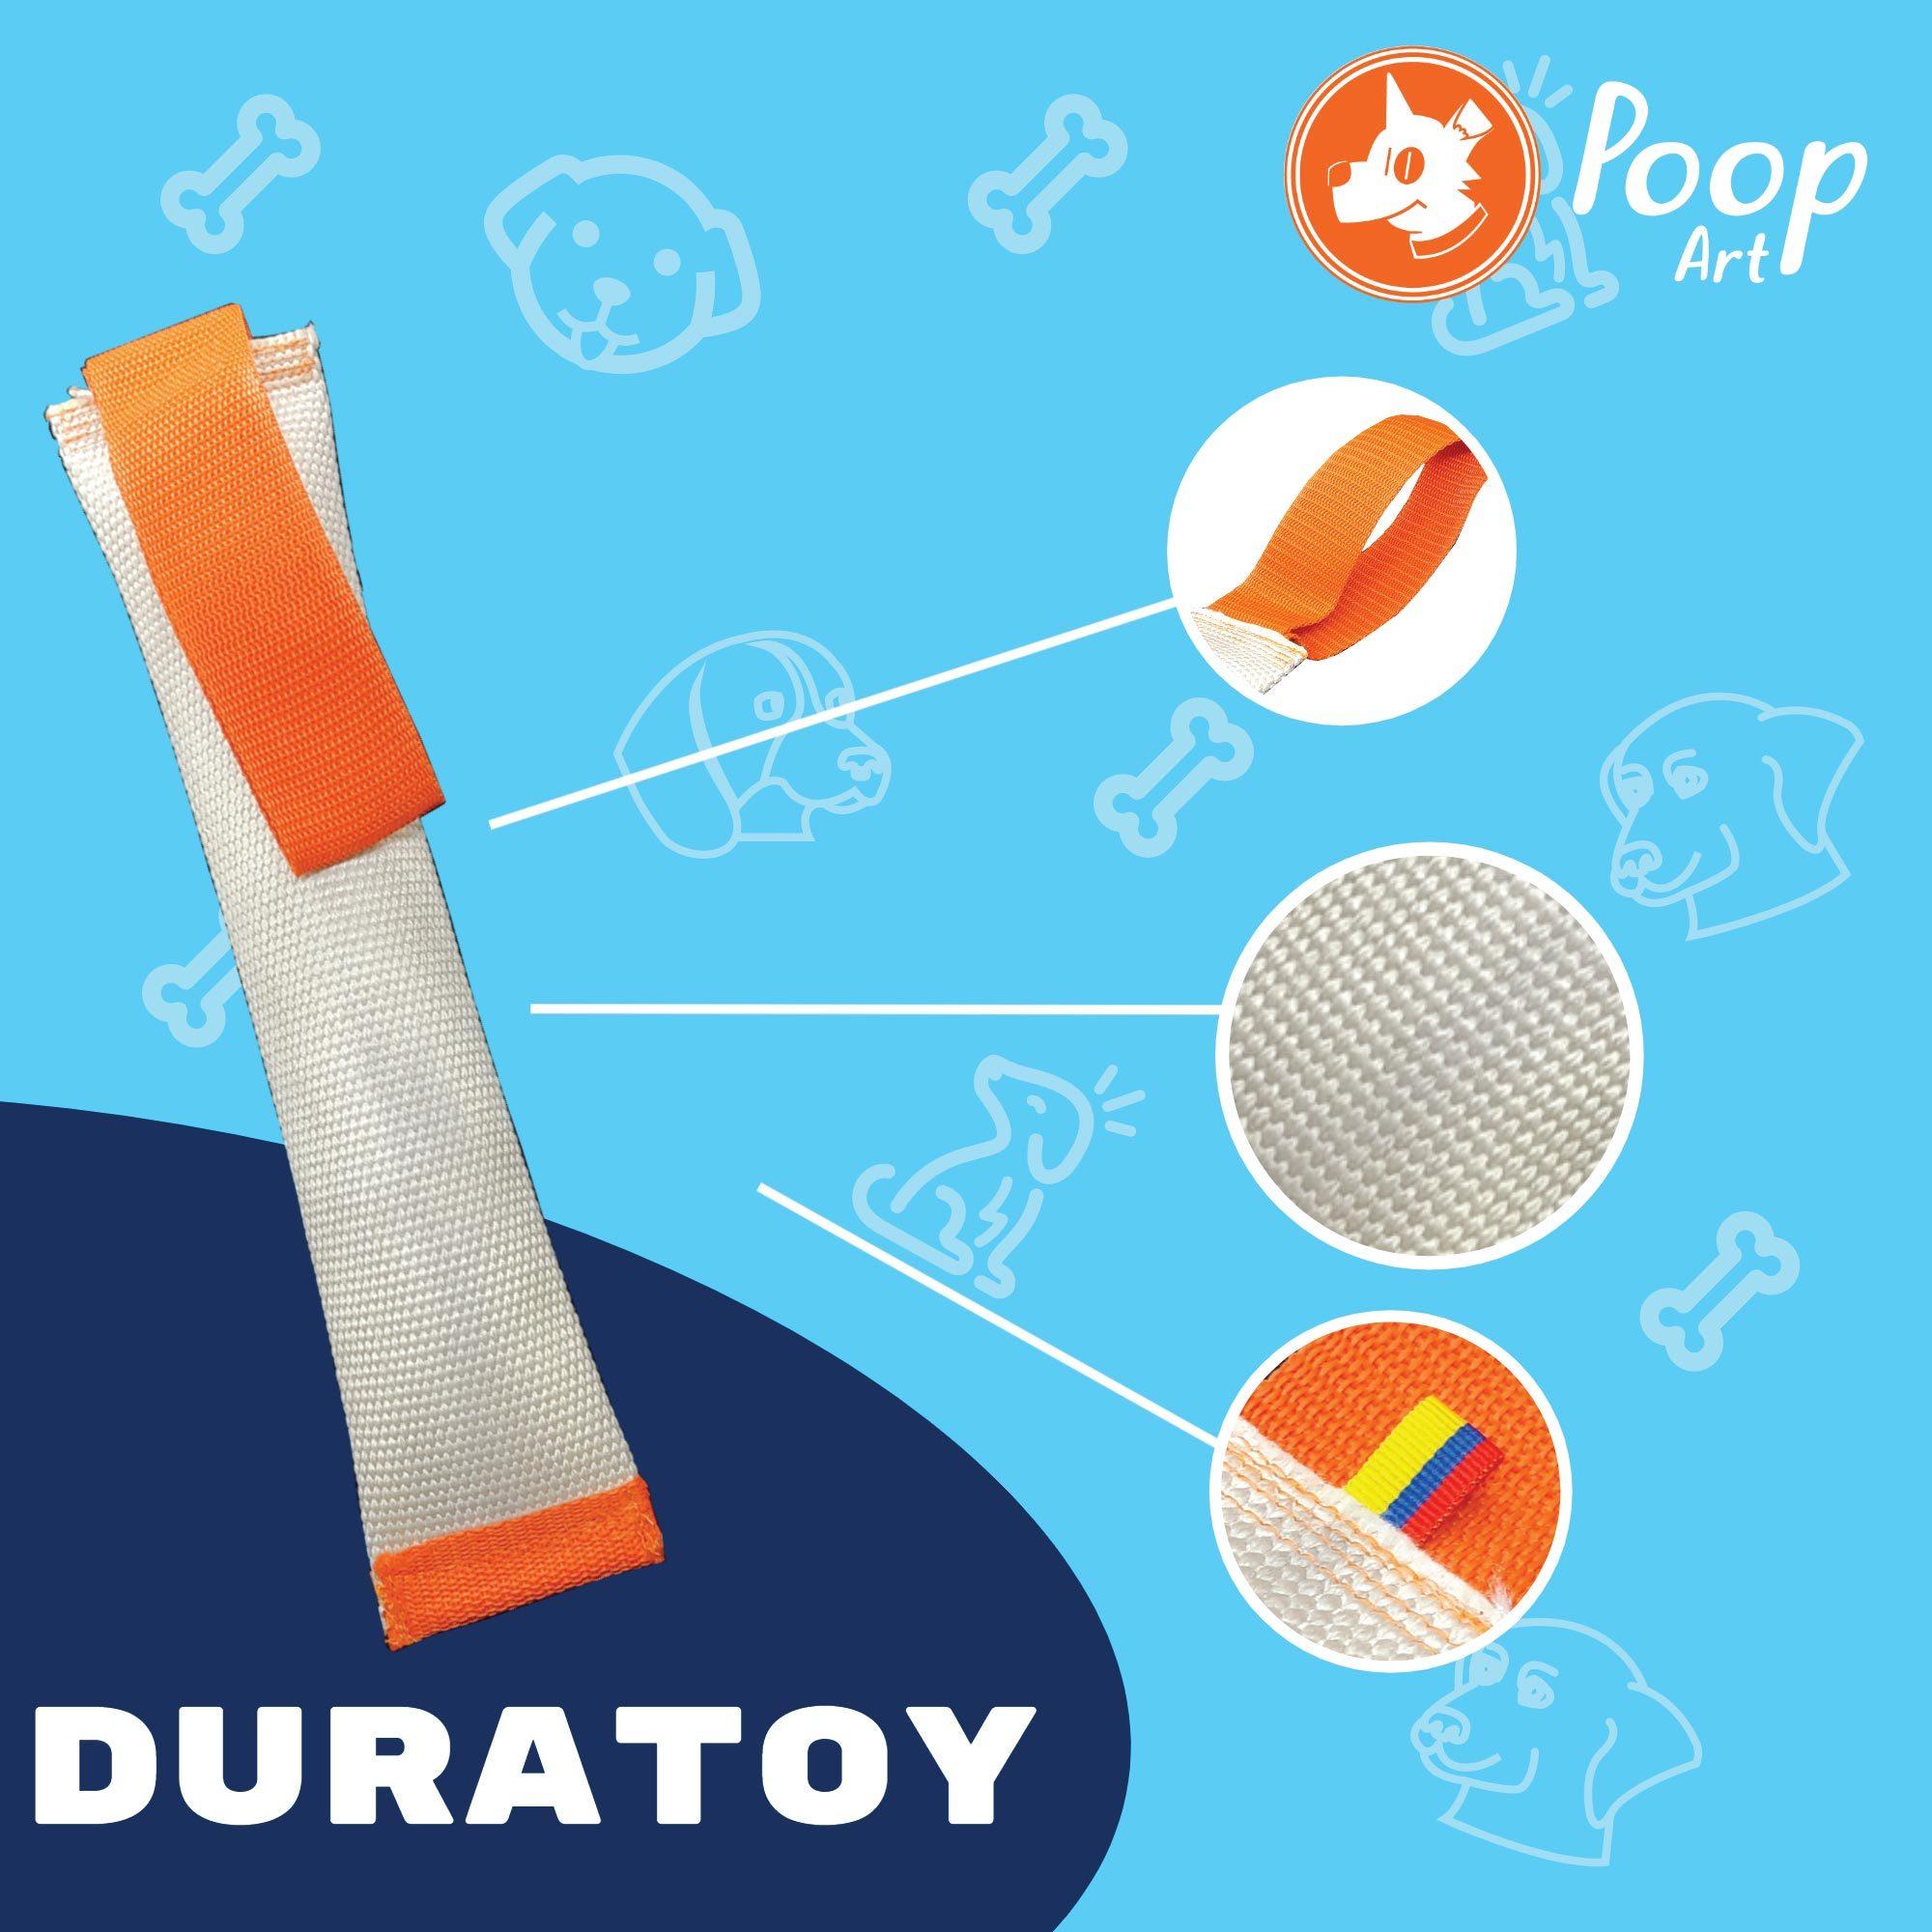 Duratoy